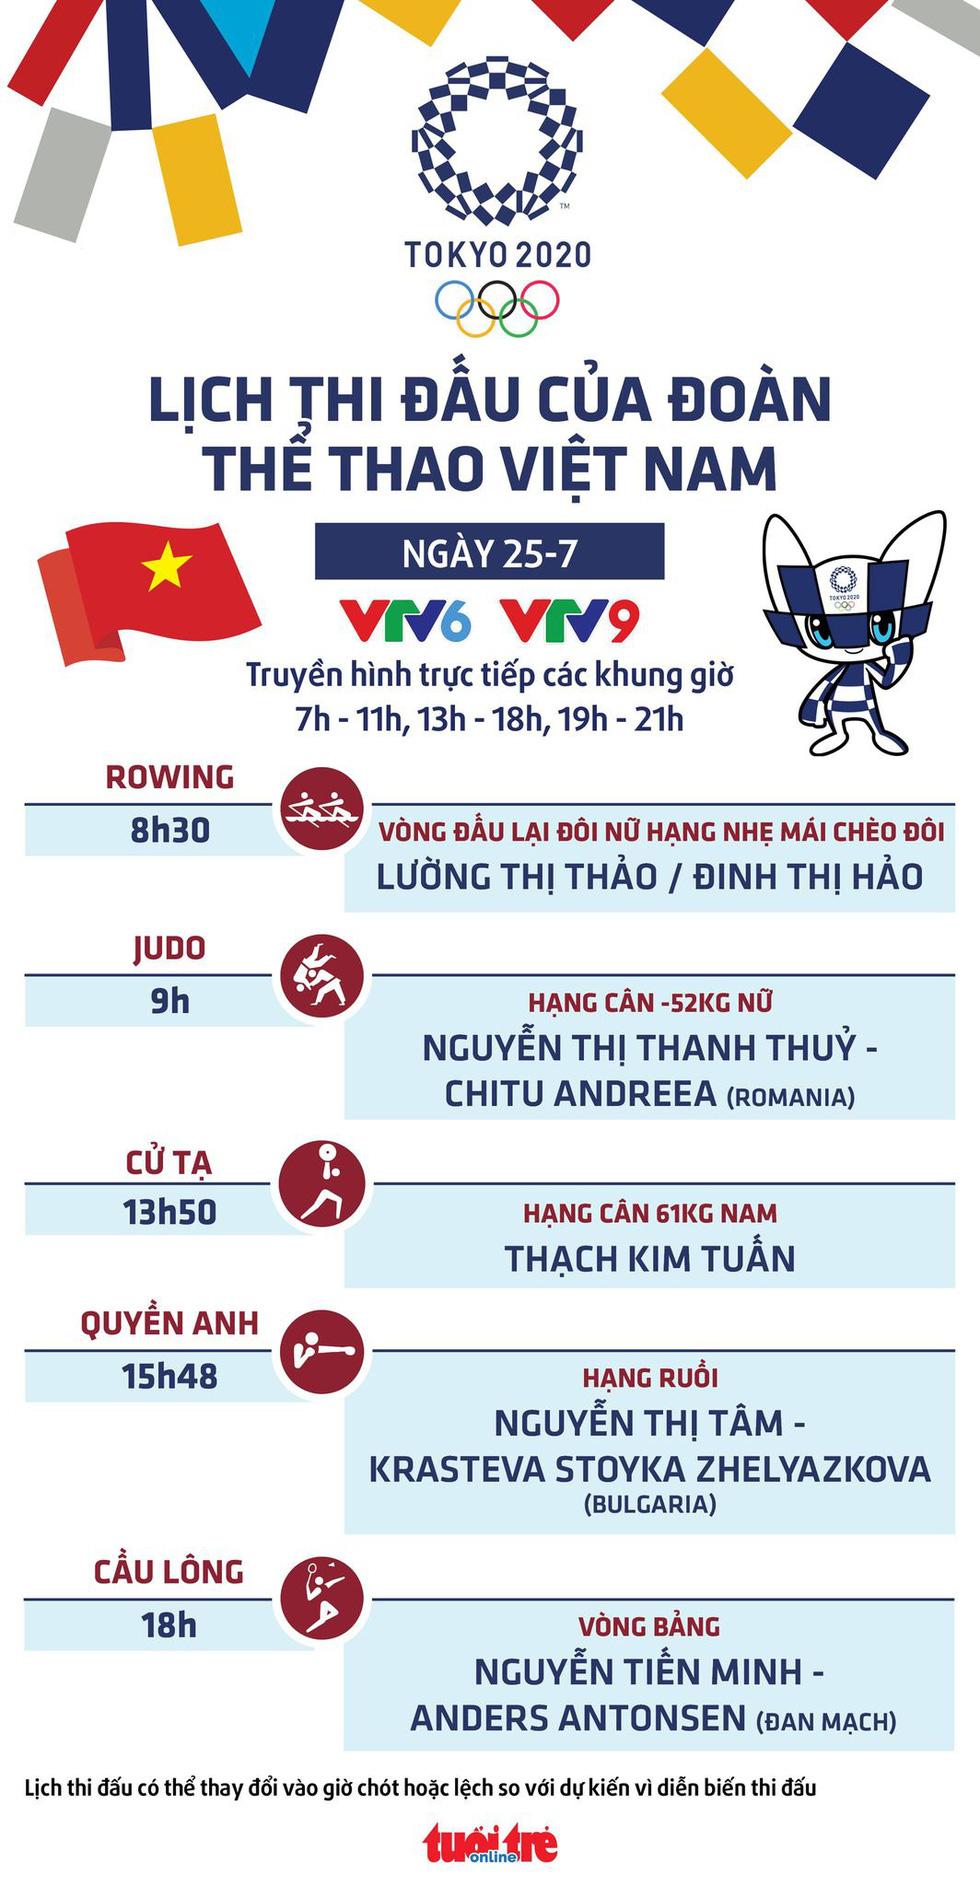 Lịch thi đấu ngày 25-7 của đoàn thể thao Việt Nam tại Olympic 2020: Thạch Kim Tuấn thi đấu - Ảnh 1.